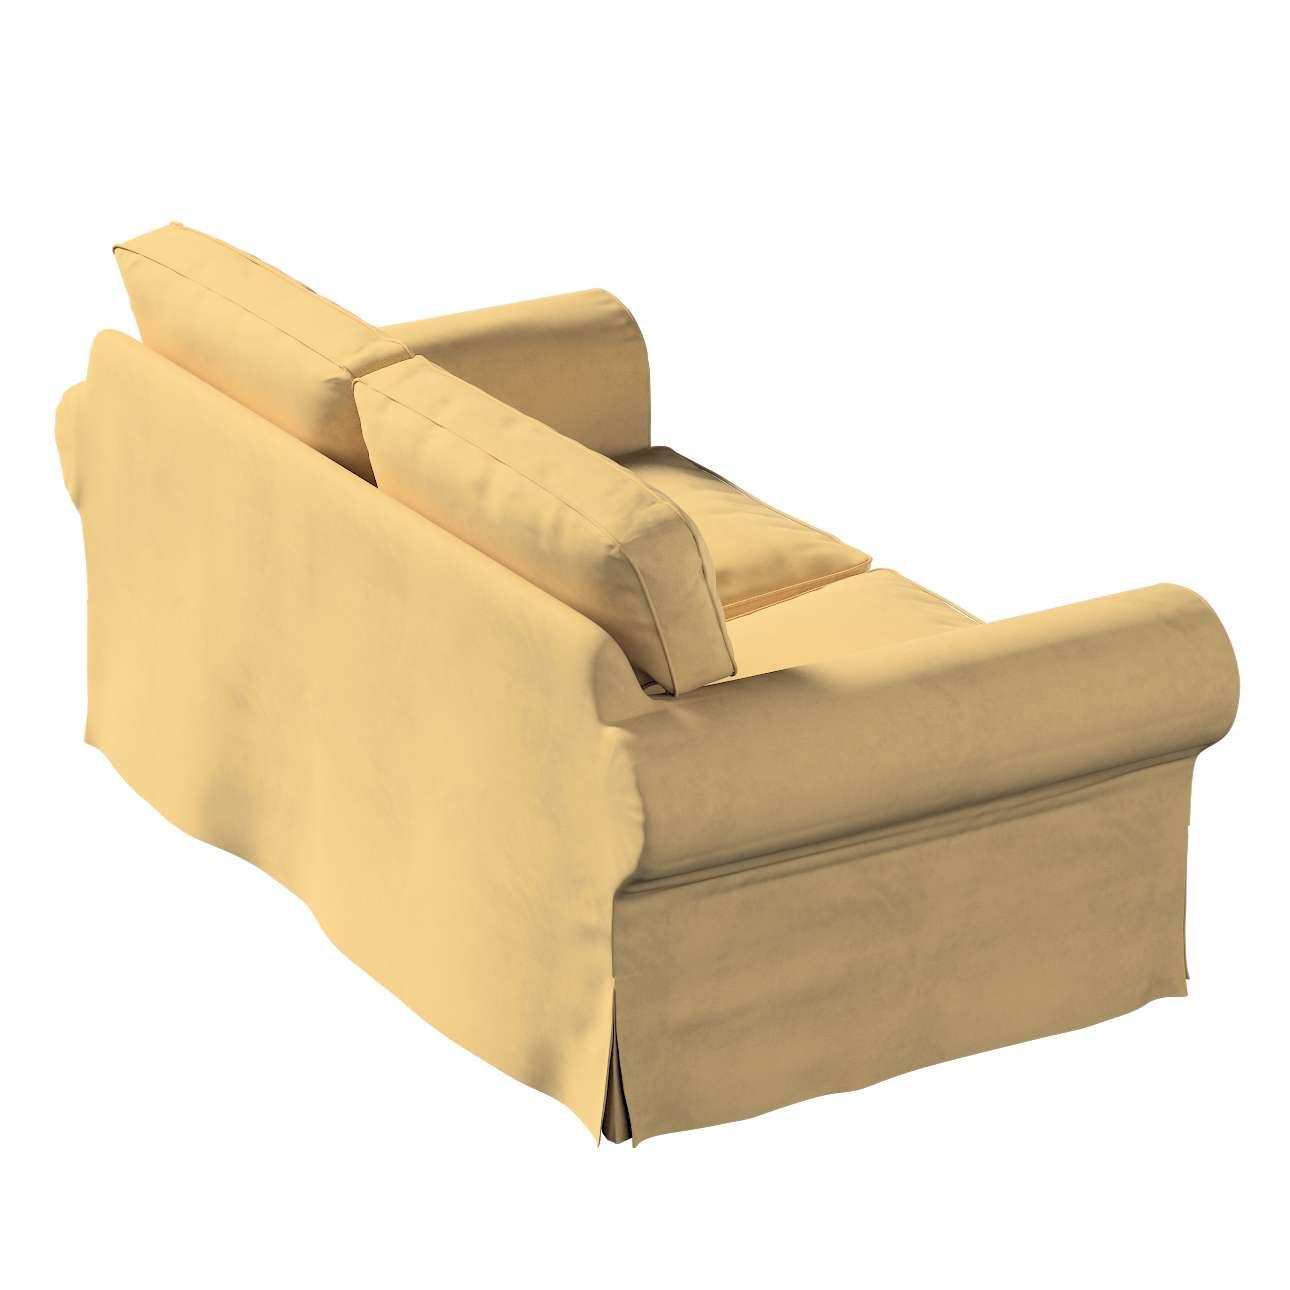 IKEA hoes voor Ektorp 2-zits slaapbank - NIEUW model van de collectie Living II, Stof: 160-93